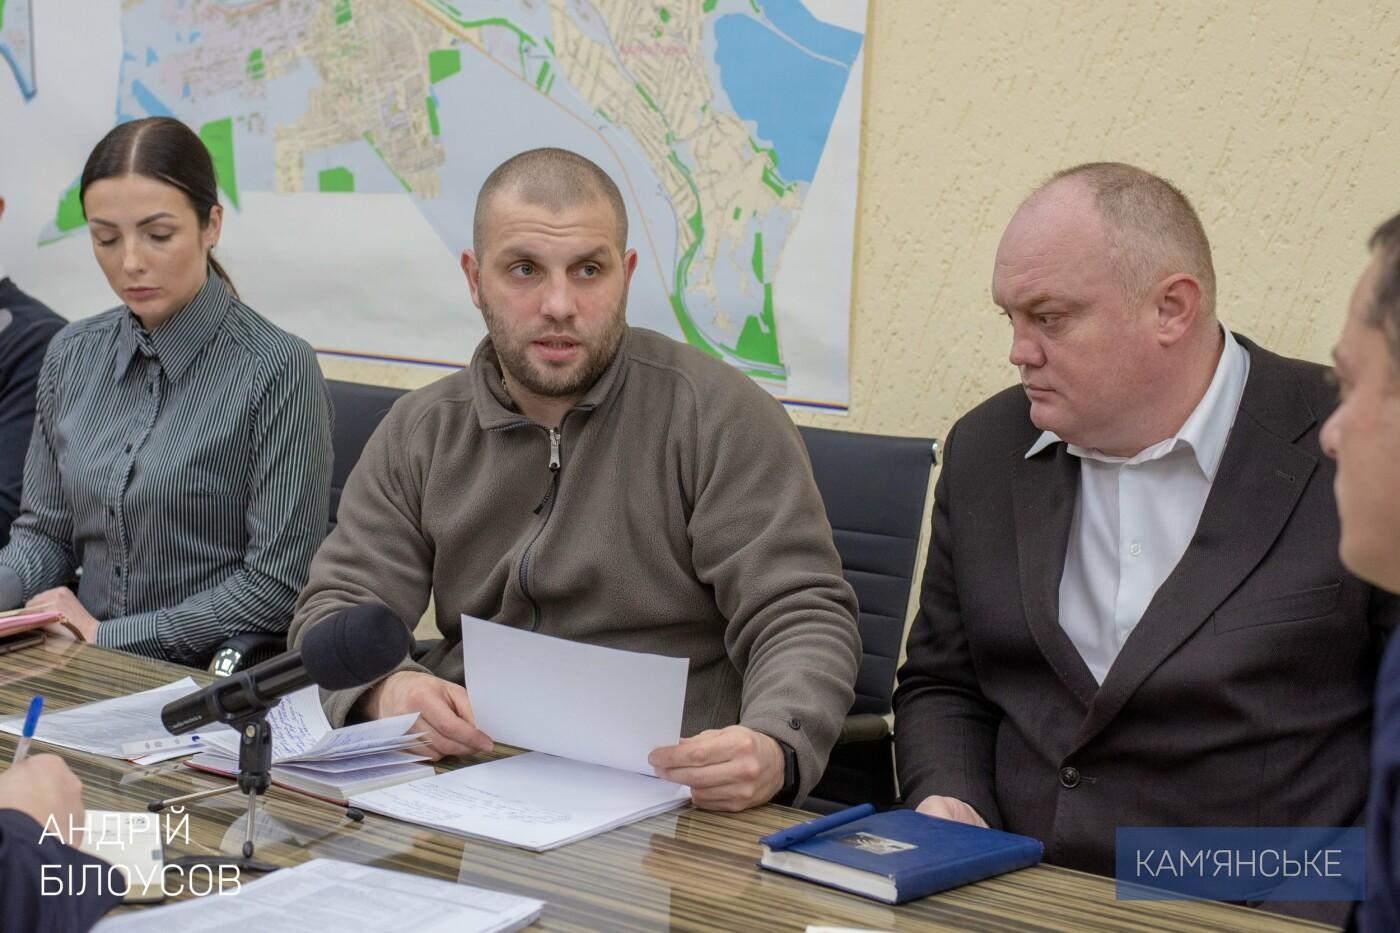 Проблемы ветеранов и семей участников АТО/ООС – на контроле у мэра Каменского, фото-2